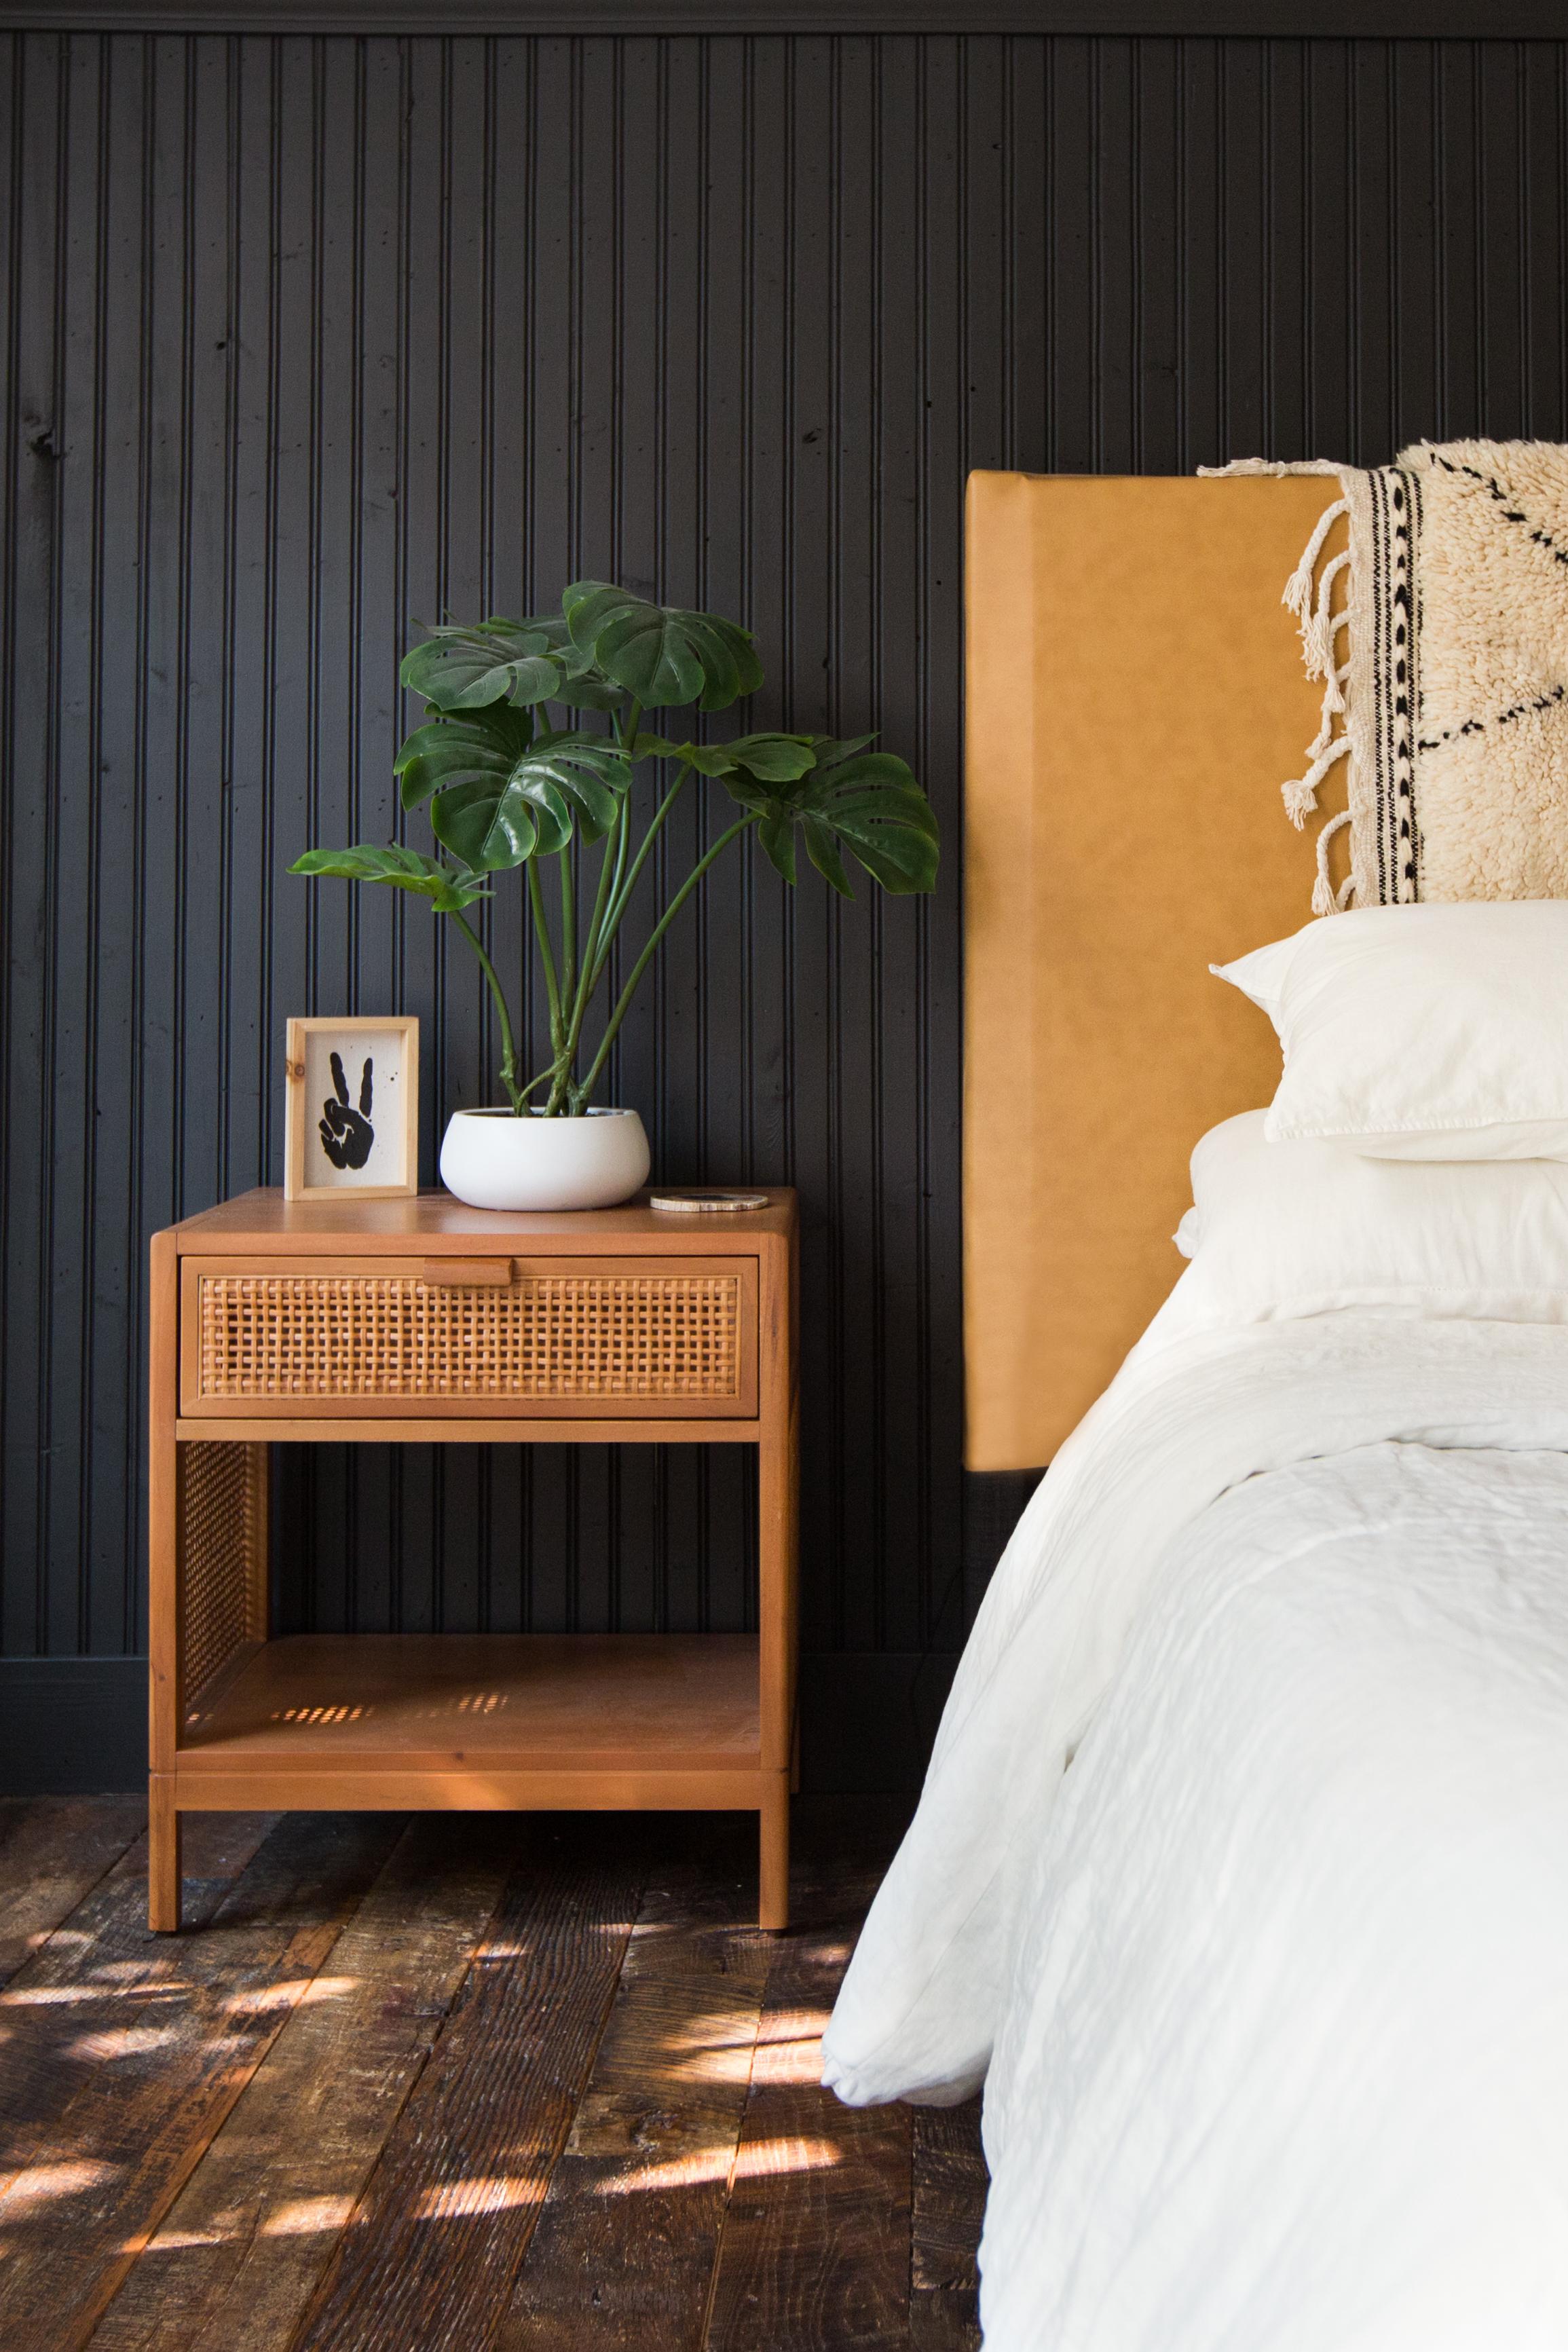 BELU_master bedroom_20180810OlliepopShoot-182-Edit-2-Copy1.jpg